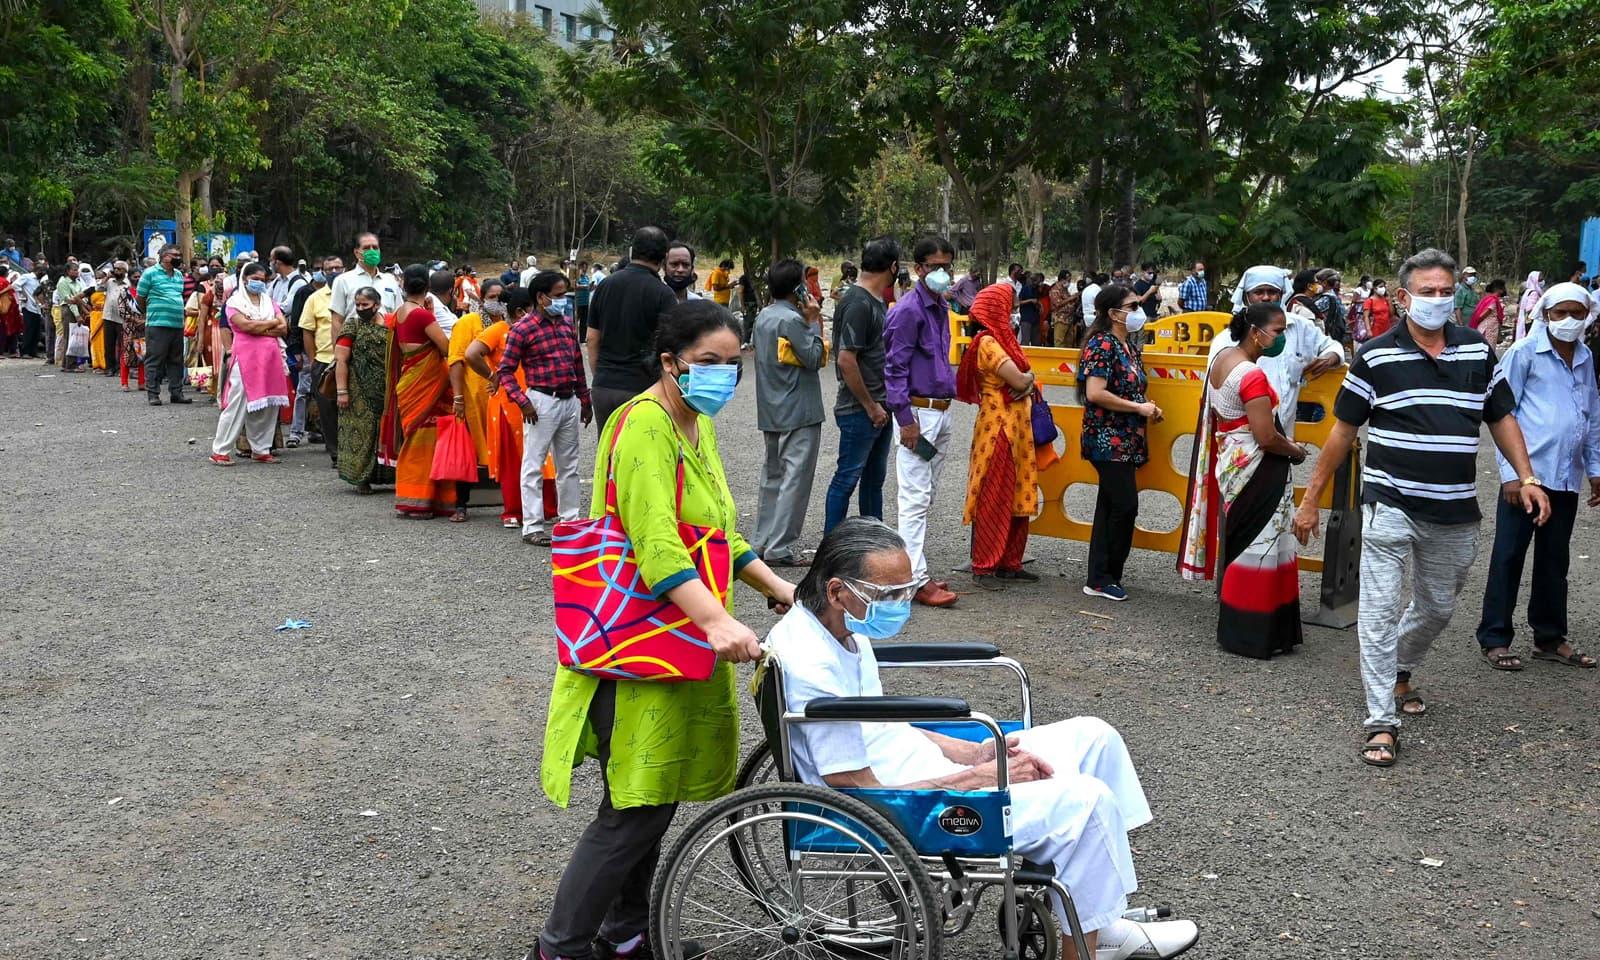 ممبئی میں کورونا وائرس ویکسین سینٹر کے باہر عوام کی ایک بڑی تعداد موجود ہے—فوٹو: اے ایف پی